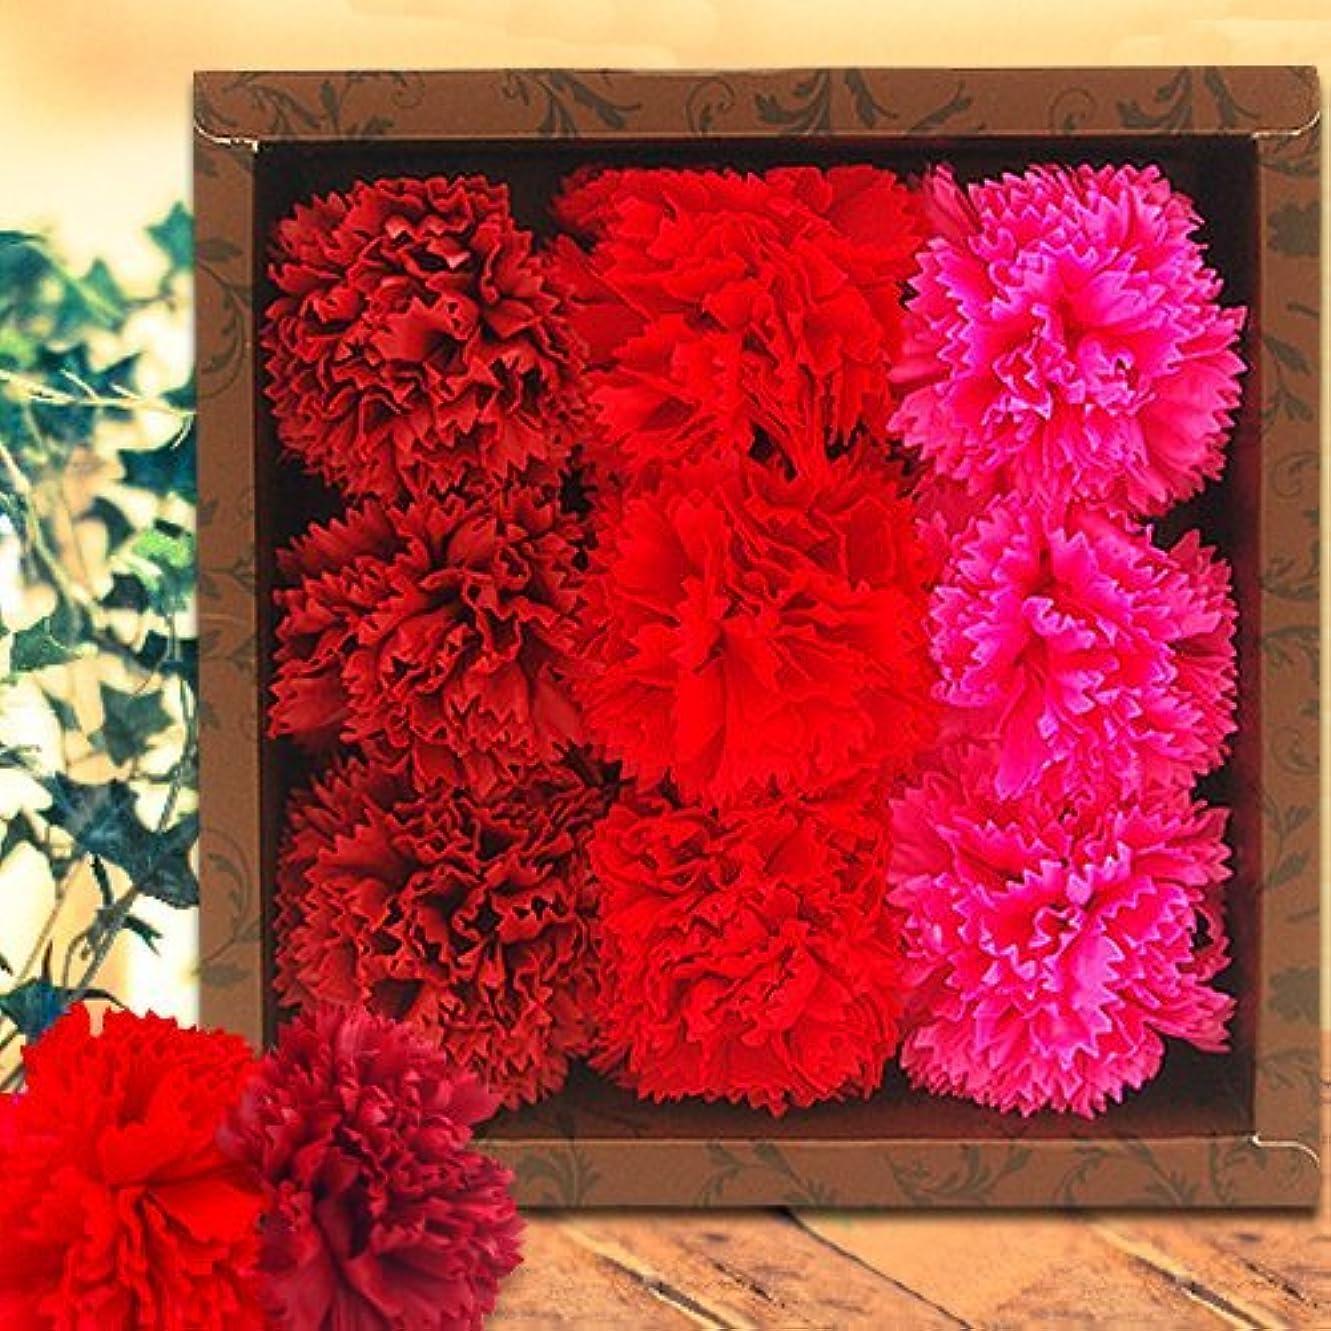 フォーカス廃止有毒フラワーフレグランス(Carnation/Red)